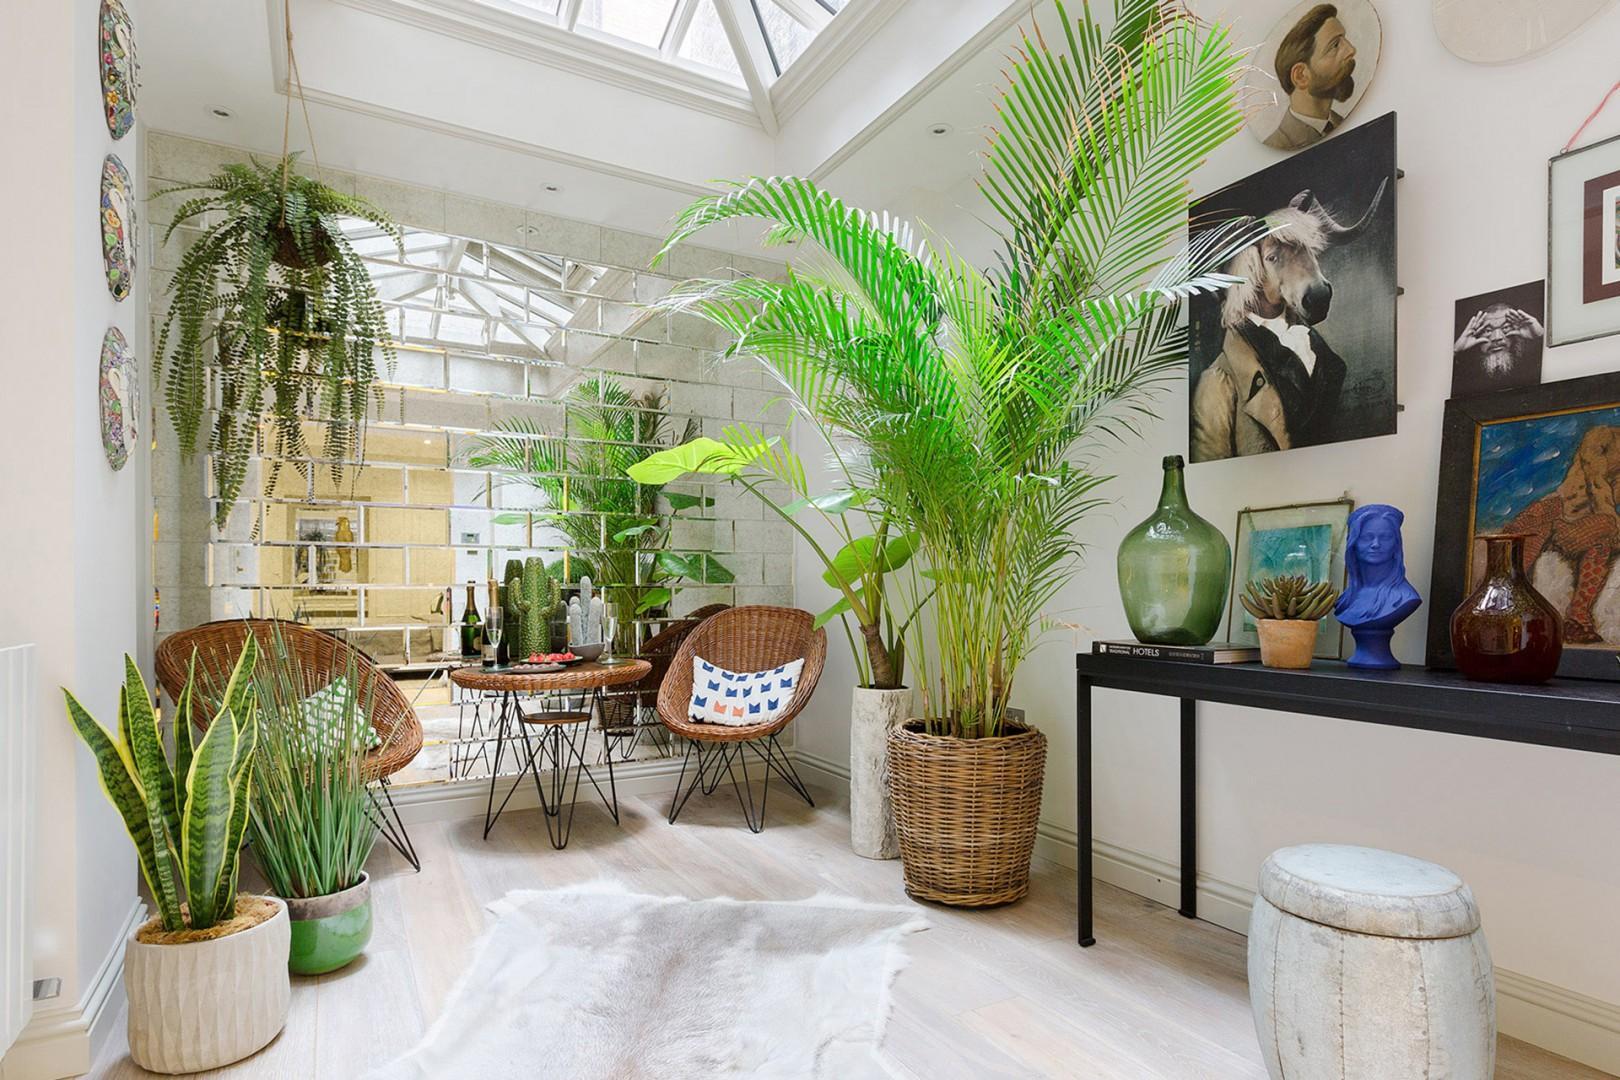 A serene indoor haven